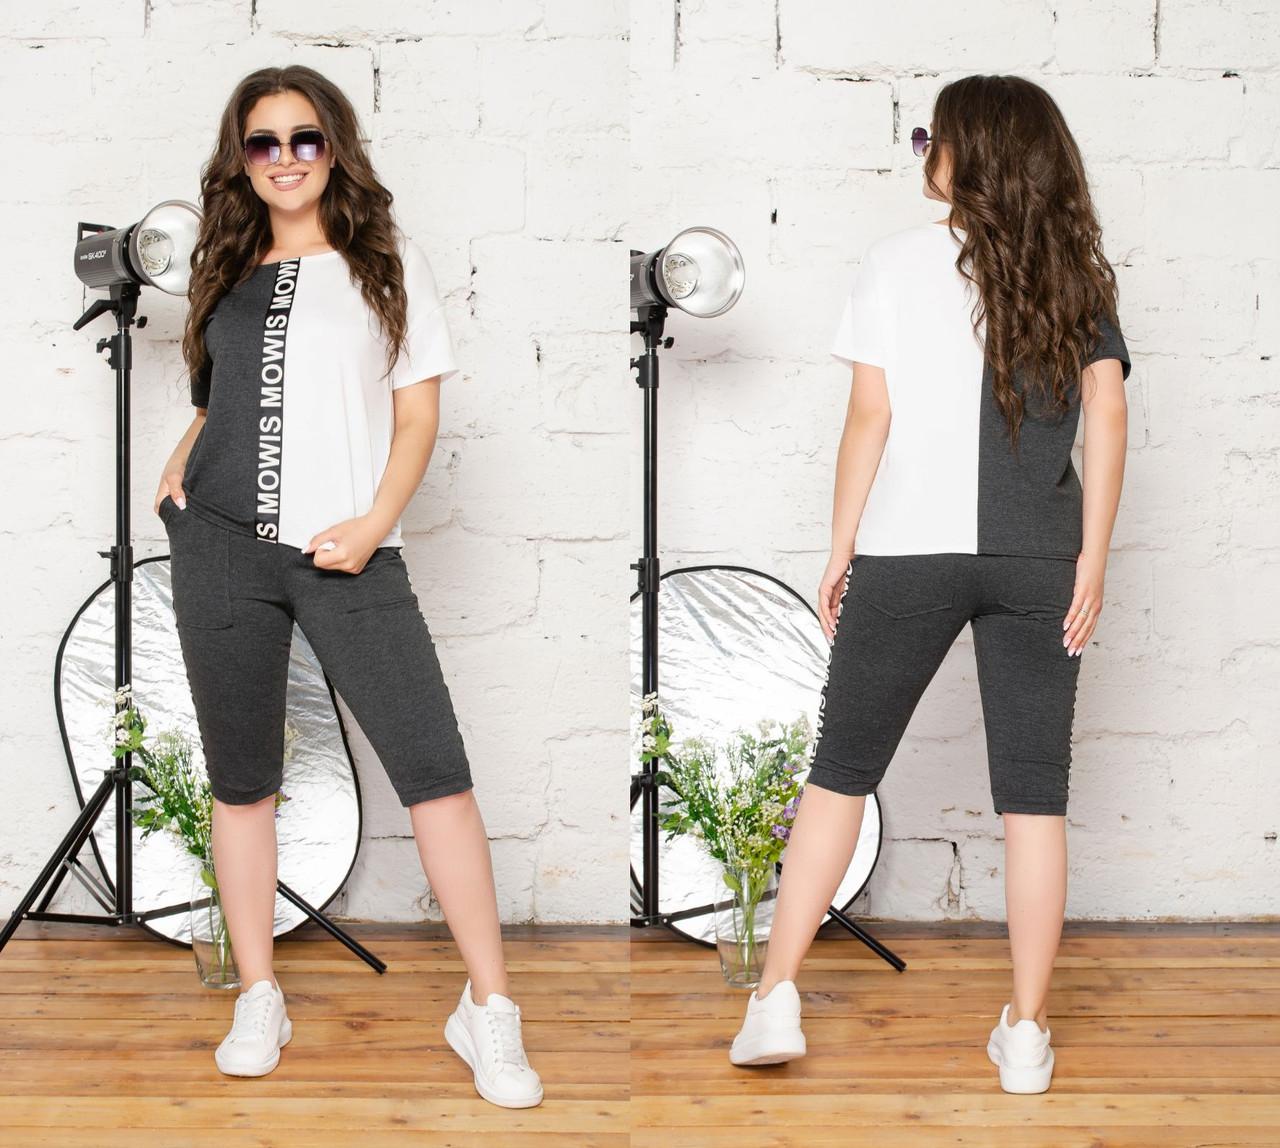 Жіночий прогулянковий спортивний костюм: футболка і подовжені шорти, батал великі розміри